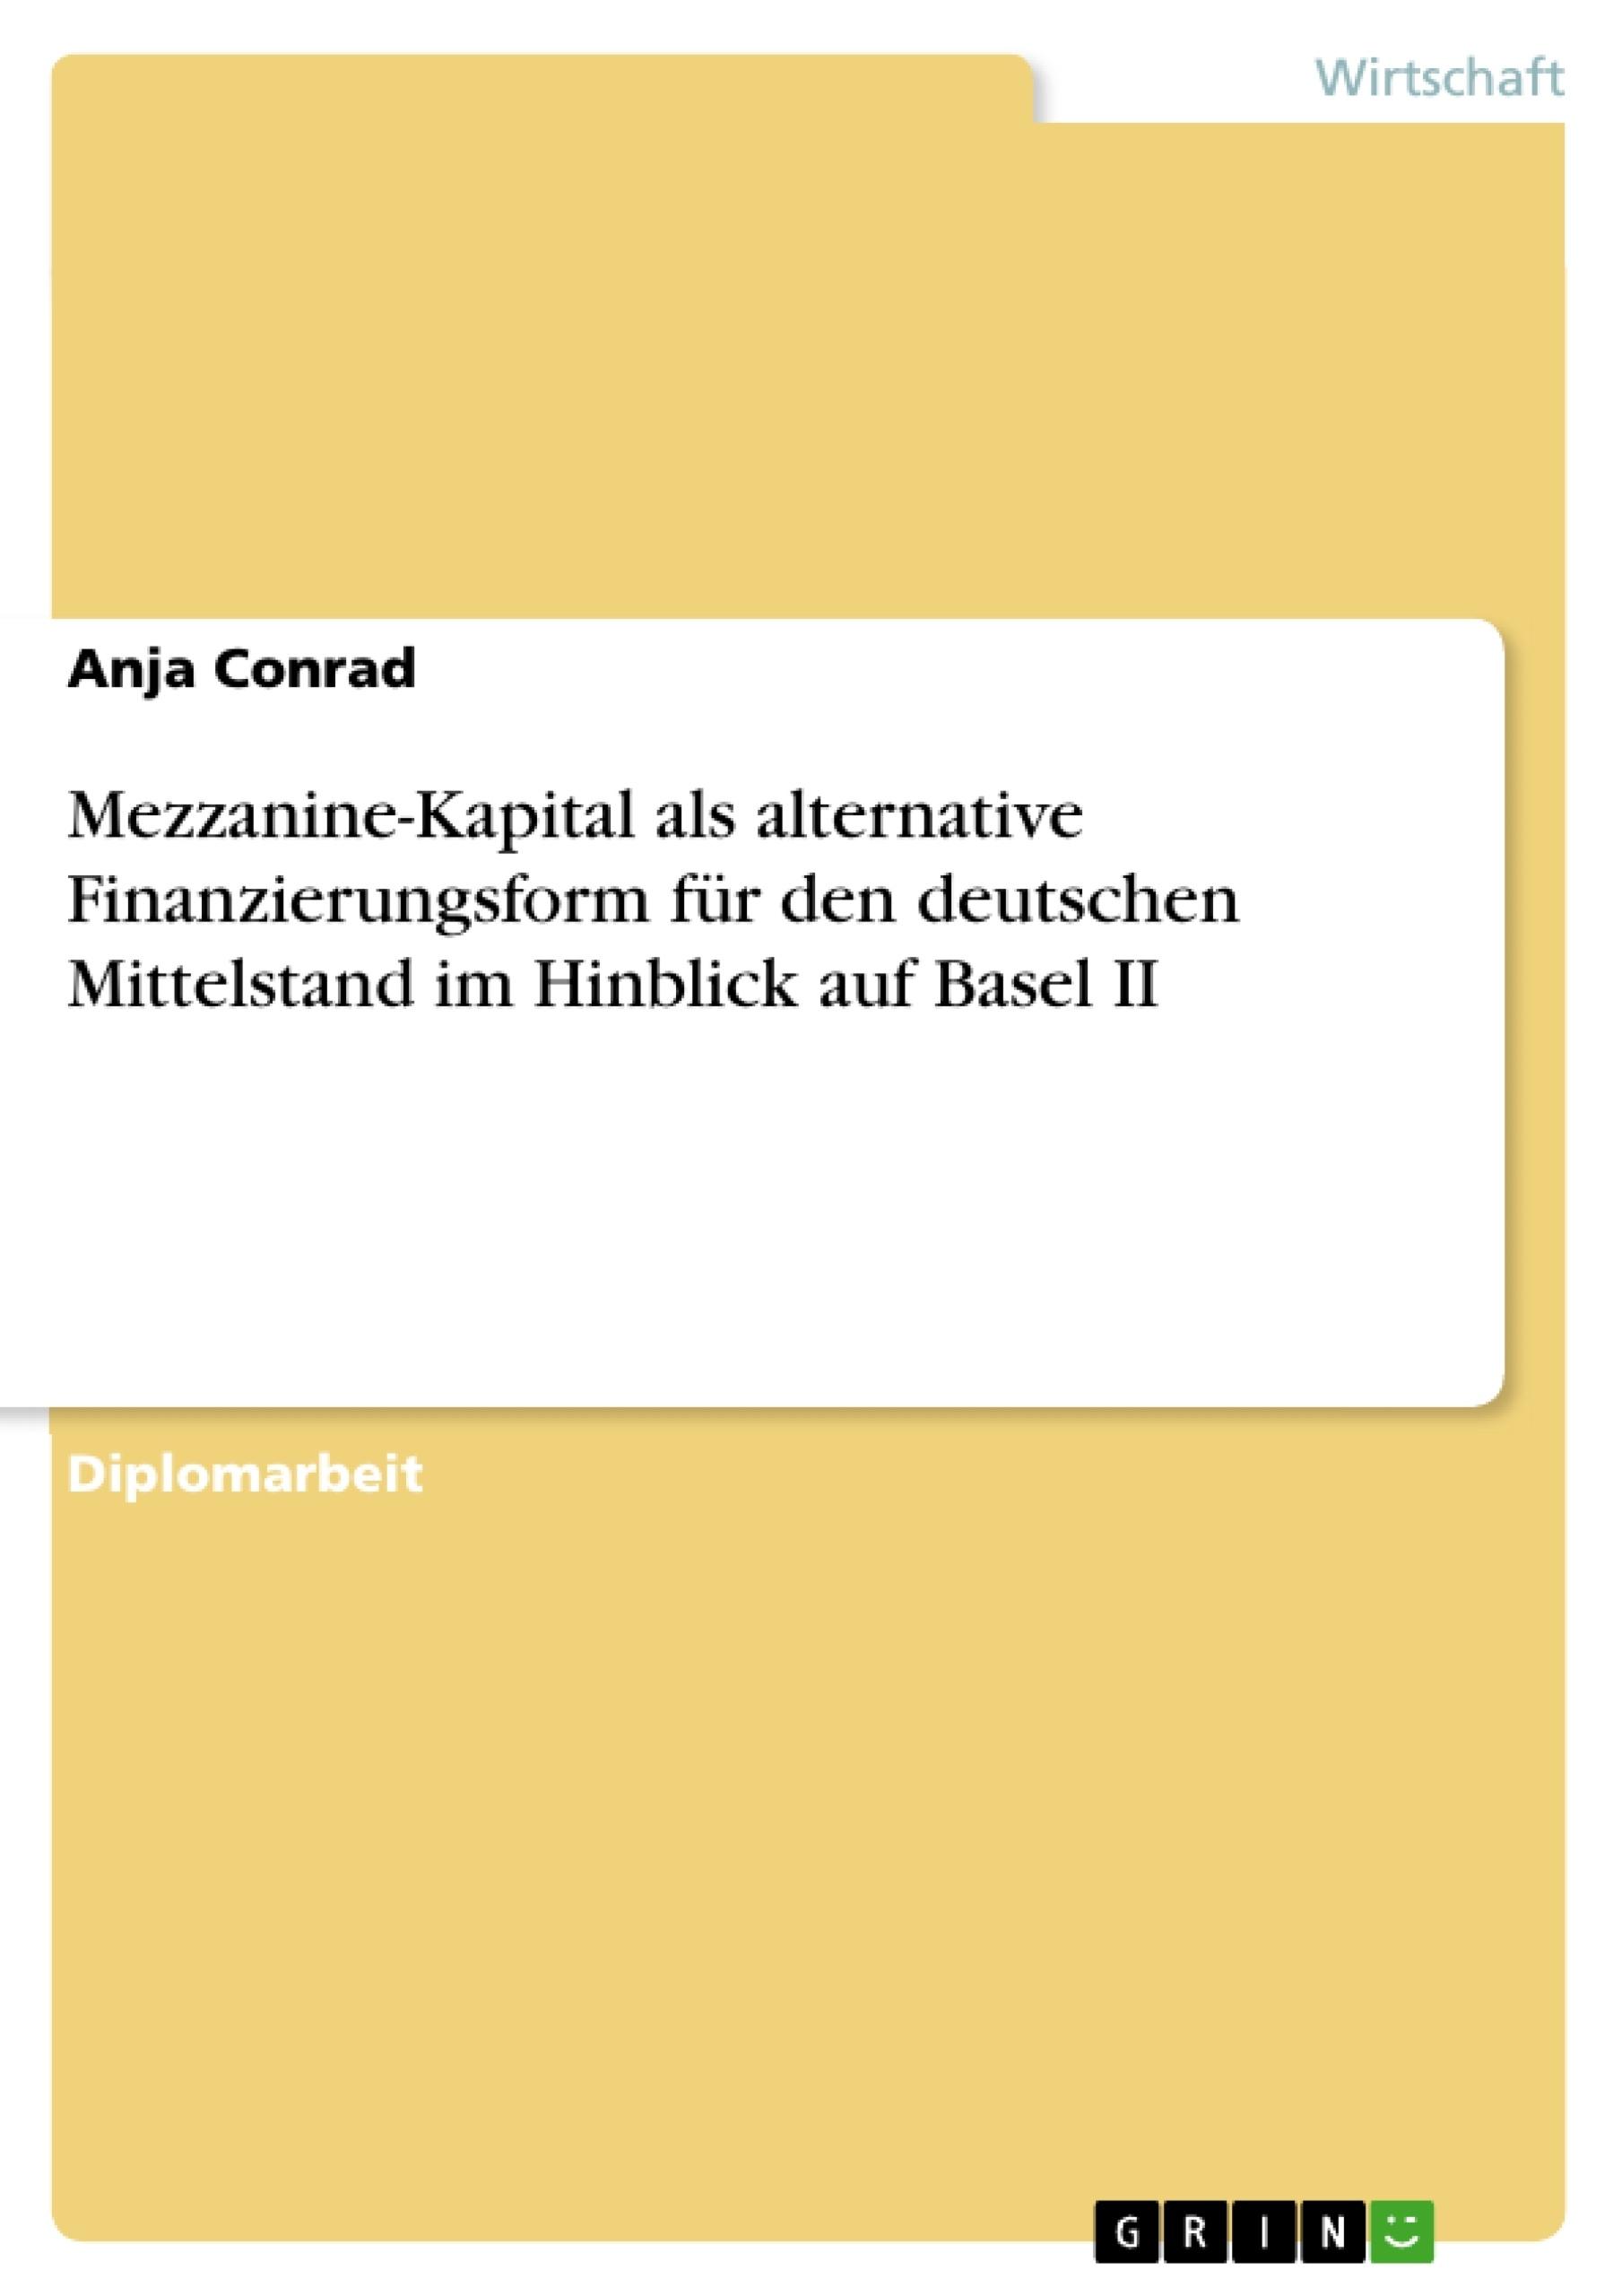 Titel: Mezzanine-Kapital als alternative Finanzierungsform für den deutschen Mittelstand im Hinblick auf Basel II